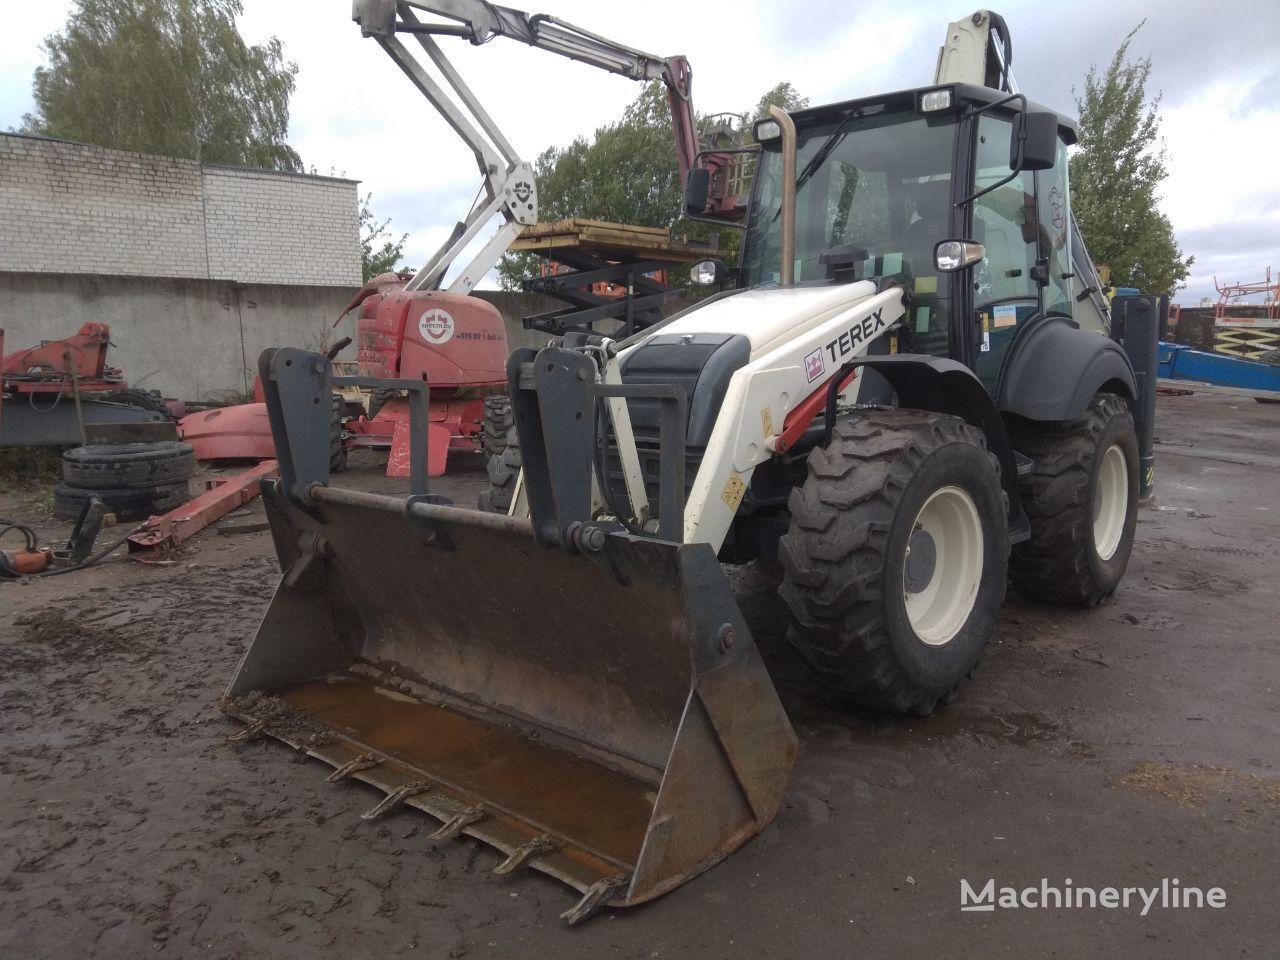 TEREX 970 backhoe loader